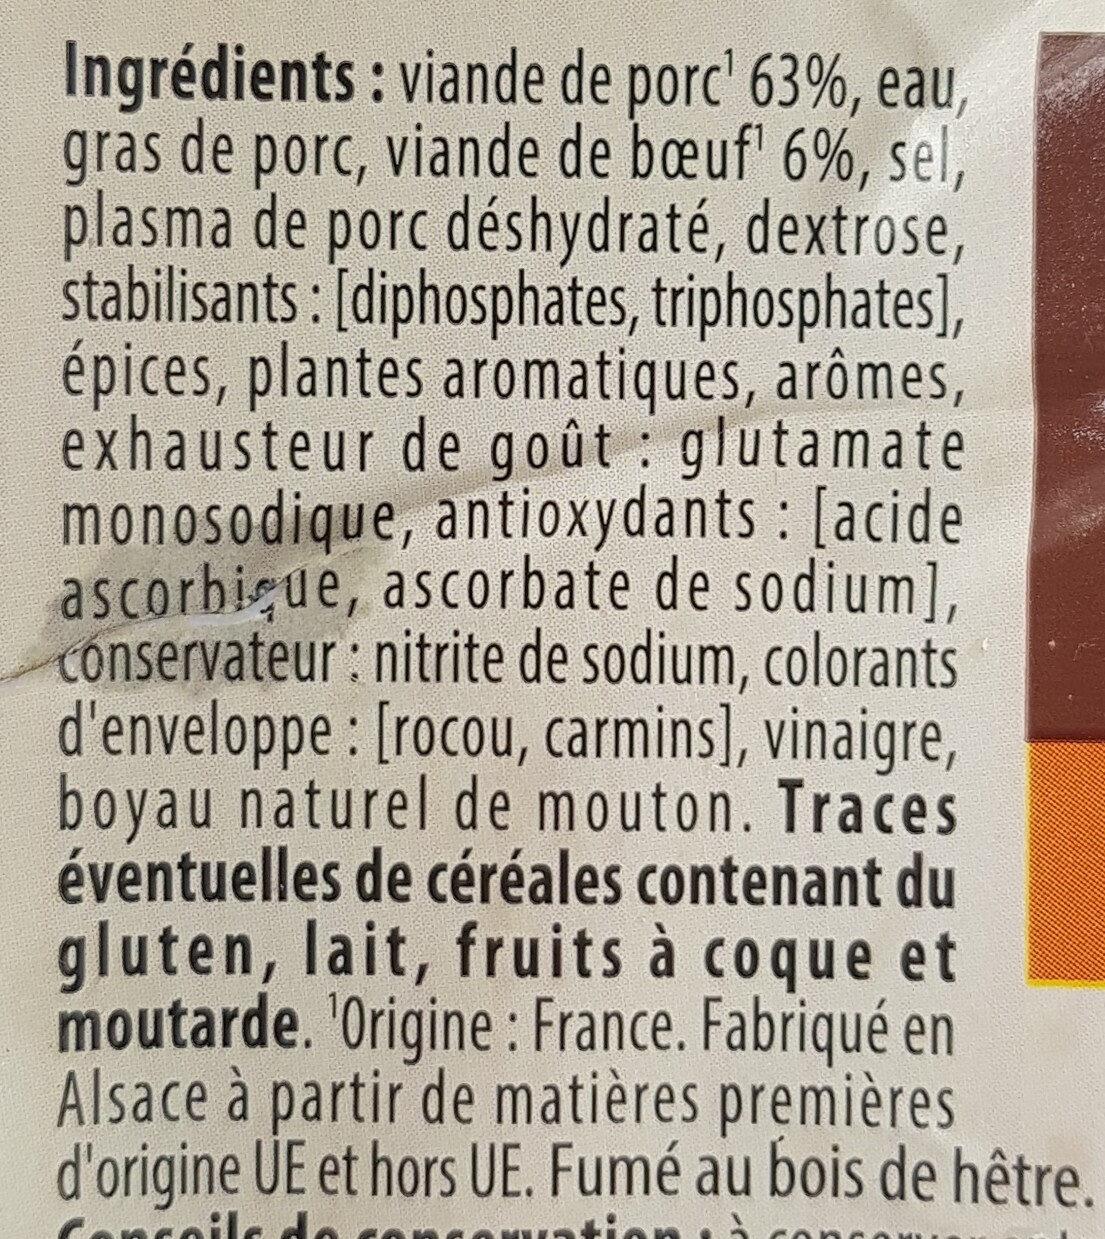 Knacks d'Alsace qualité supérieure - Ingrédients - fr